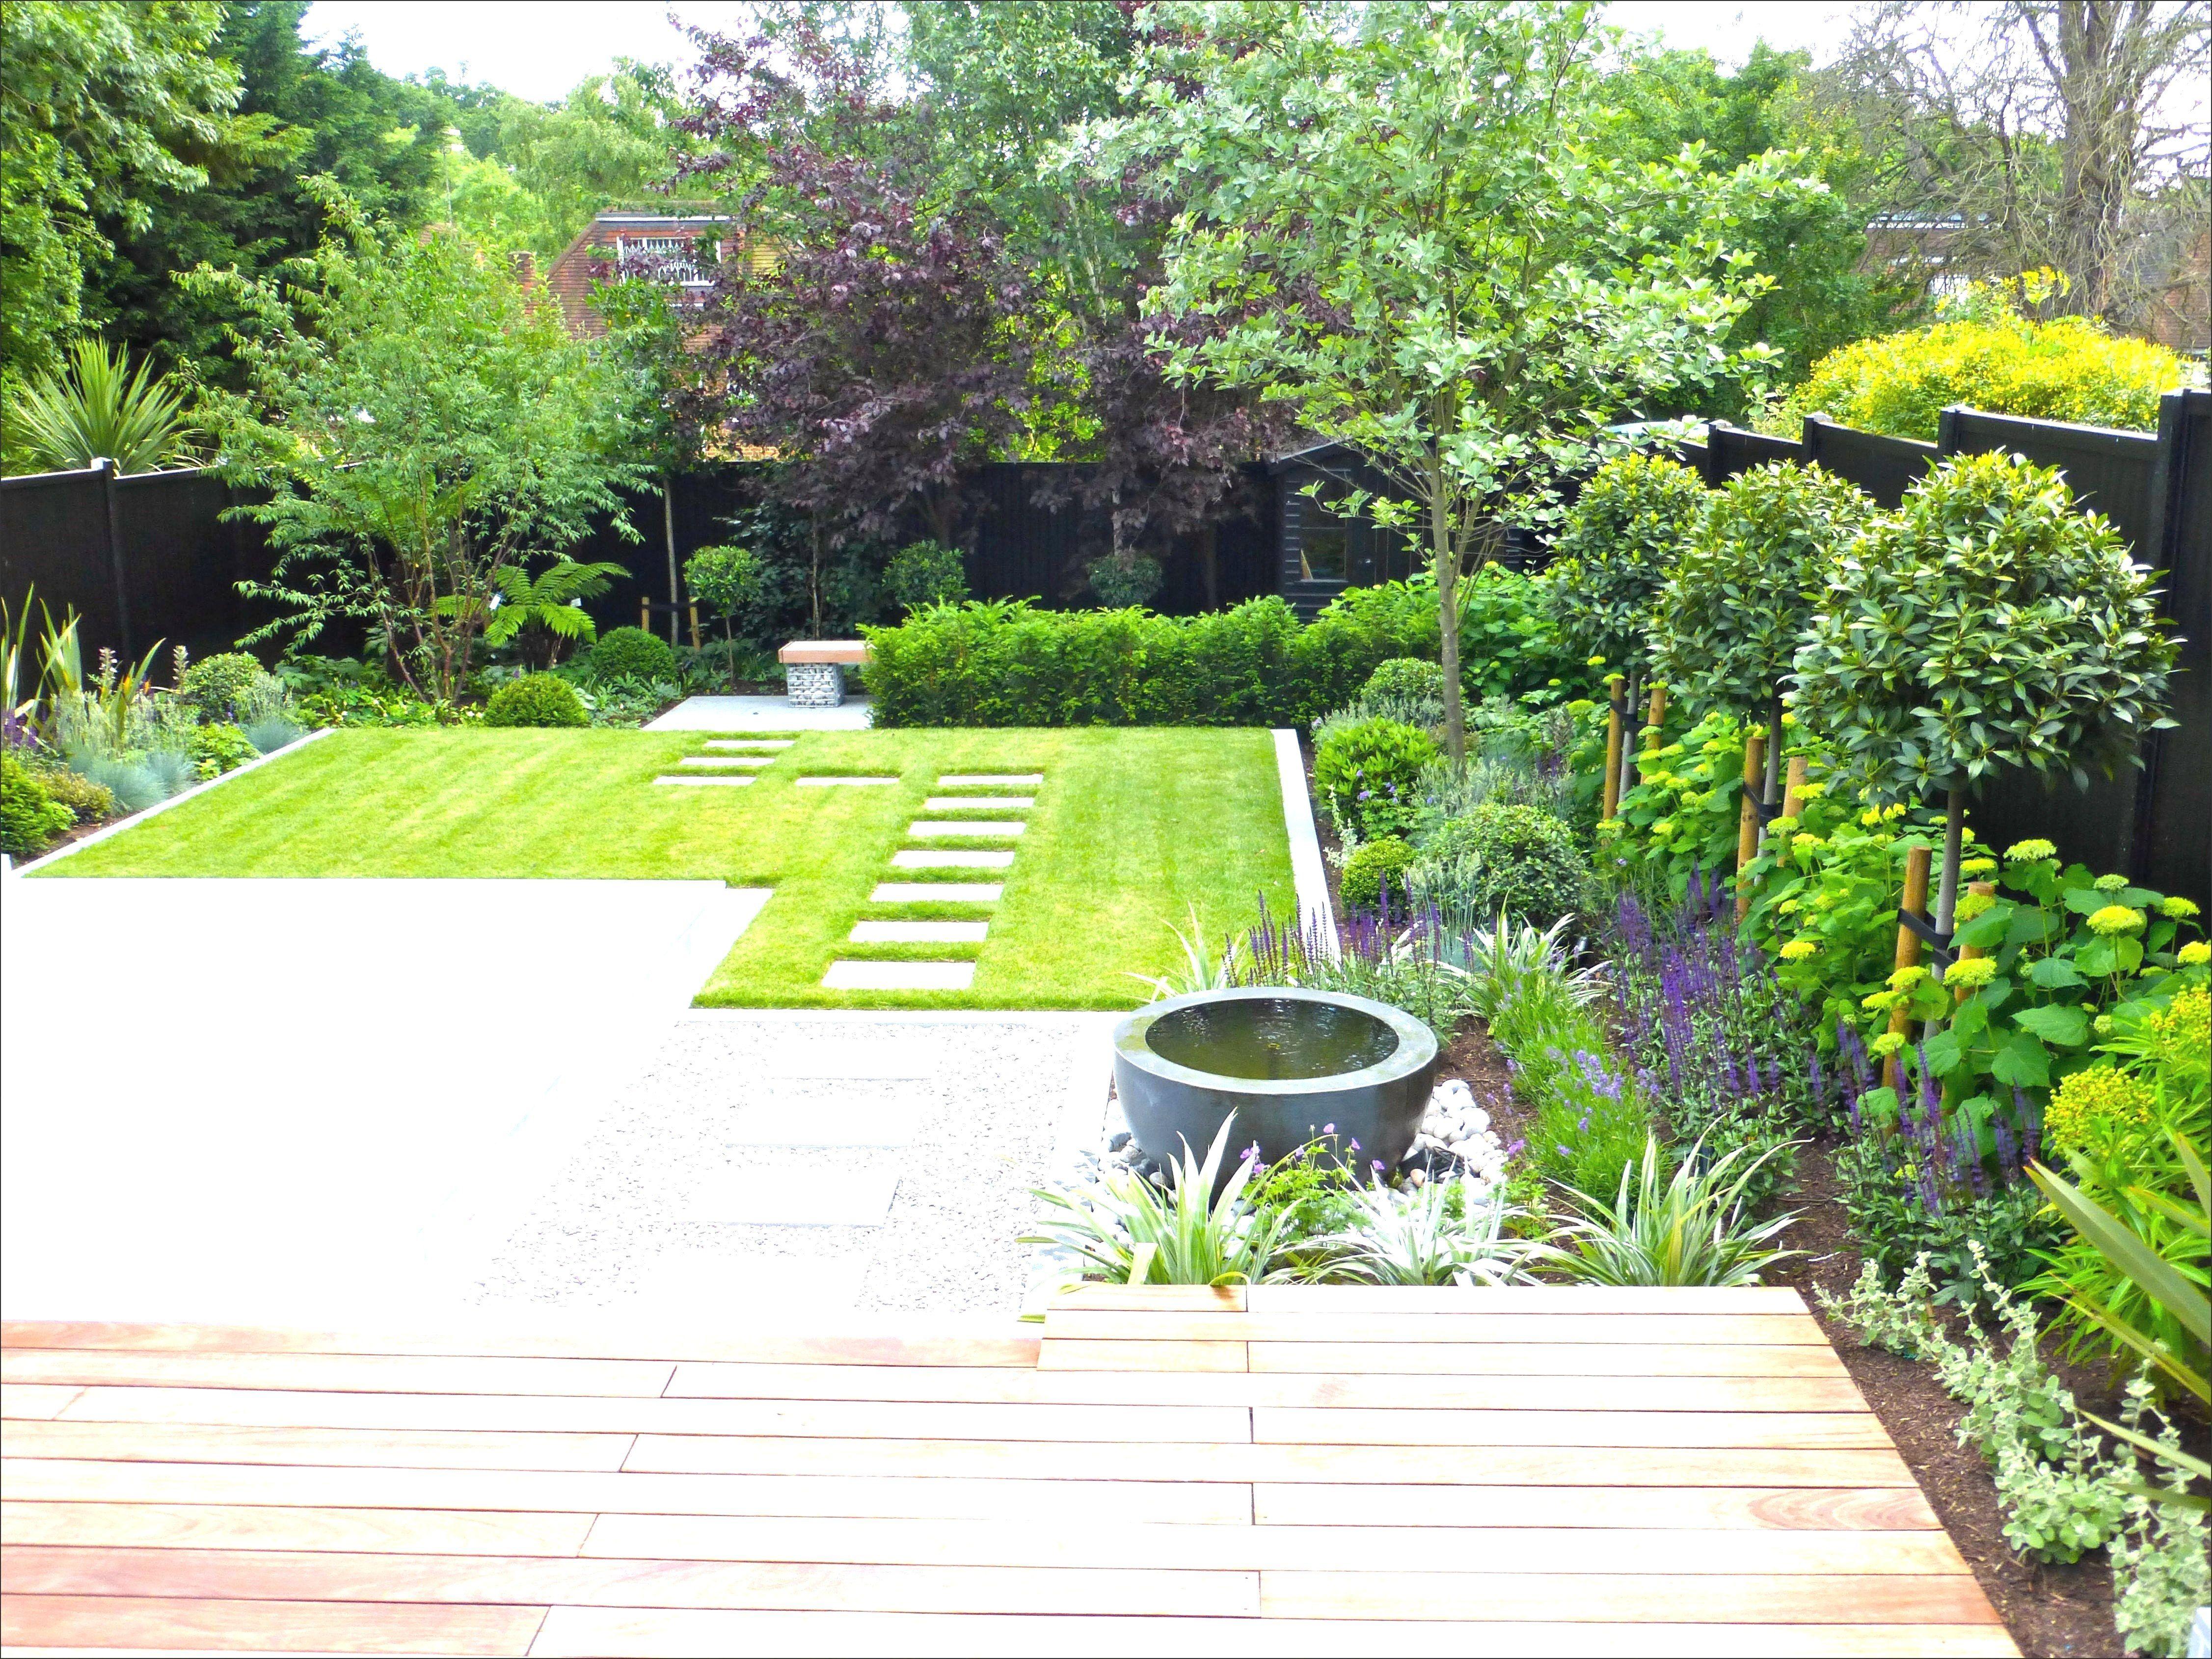 Garten Neu Anlegen Neubau Auf Einem Budget Von Neu Garten Gestalten Sichtschutz Design Garten Anlegen Neub Gartengestaltung Garten Neu Gestalten Garten Anlegen